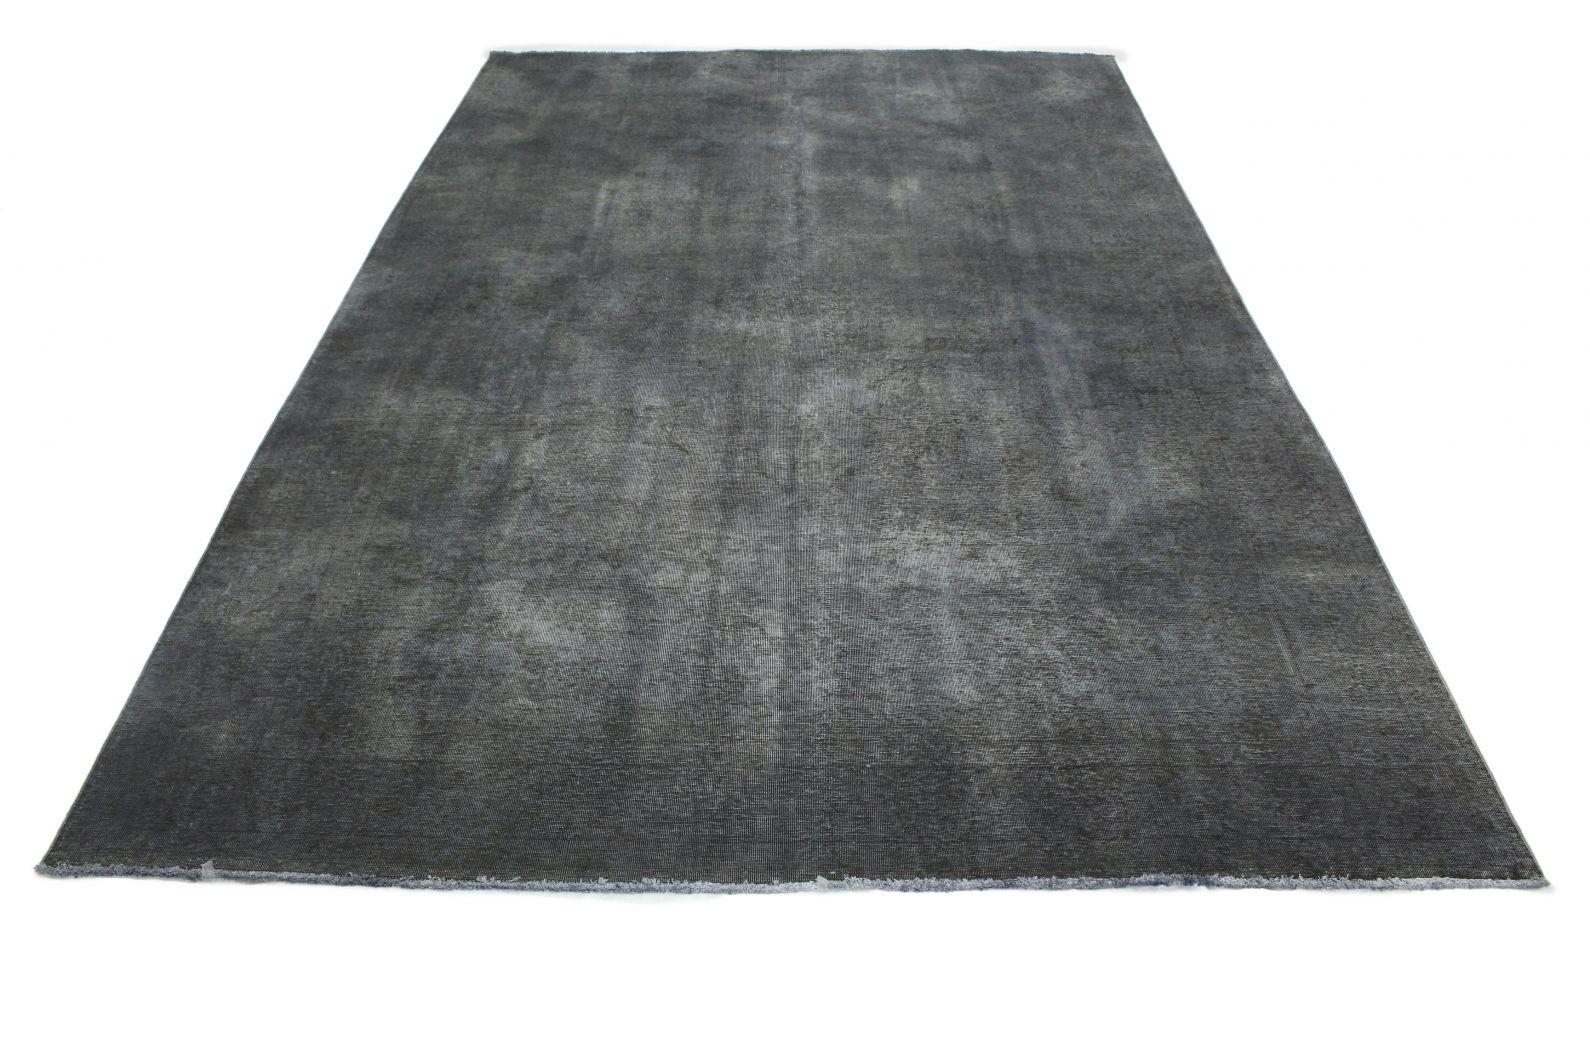 Vintage Teppich Grau in 480x310